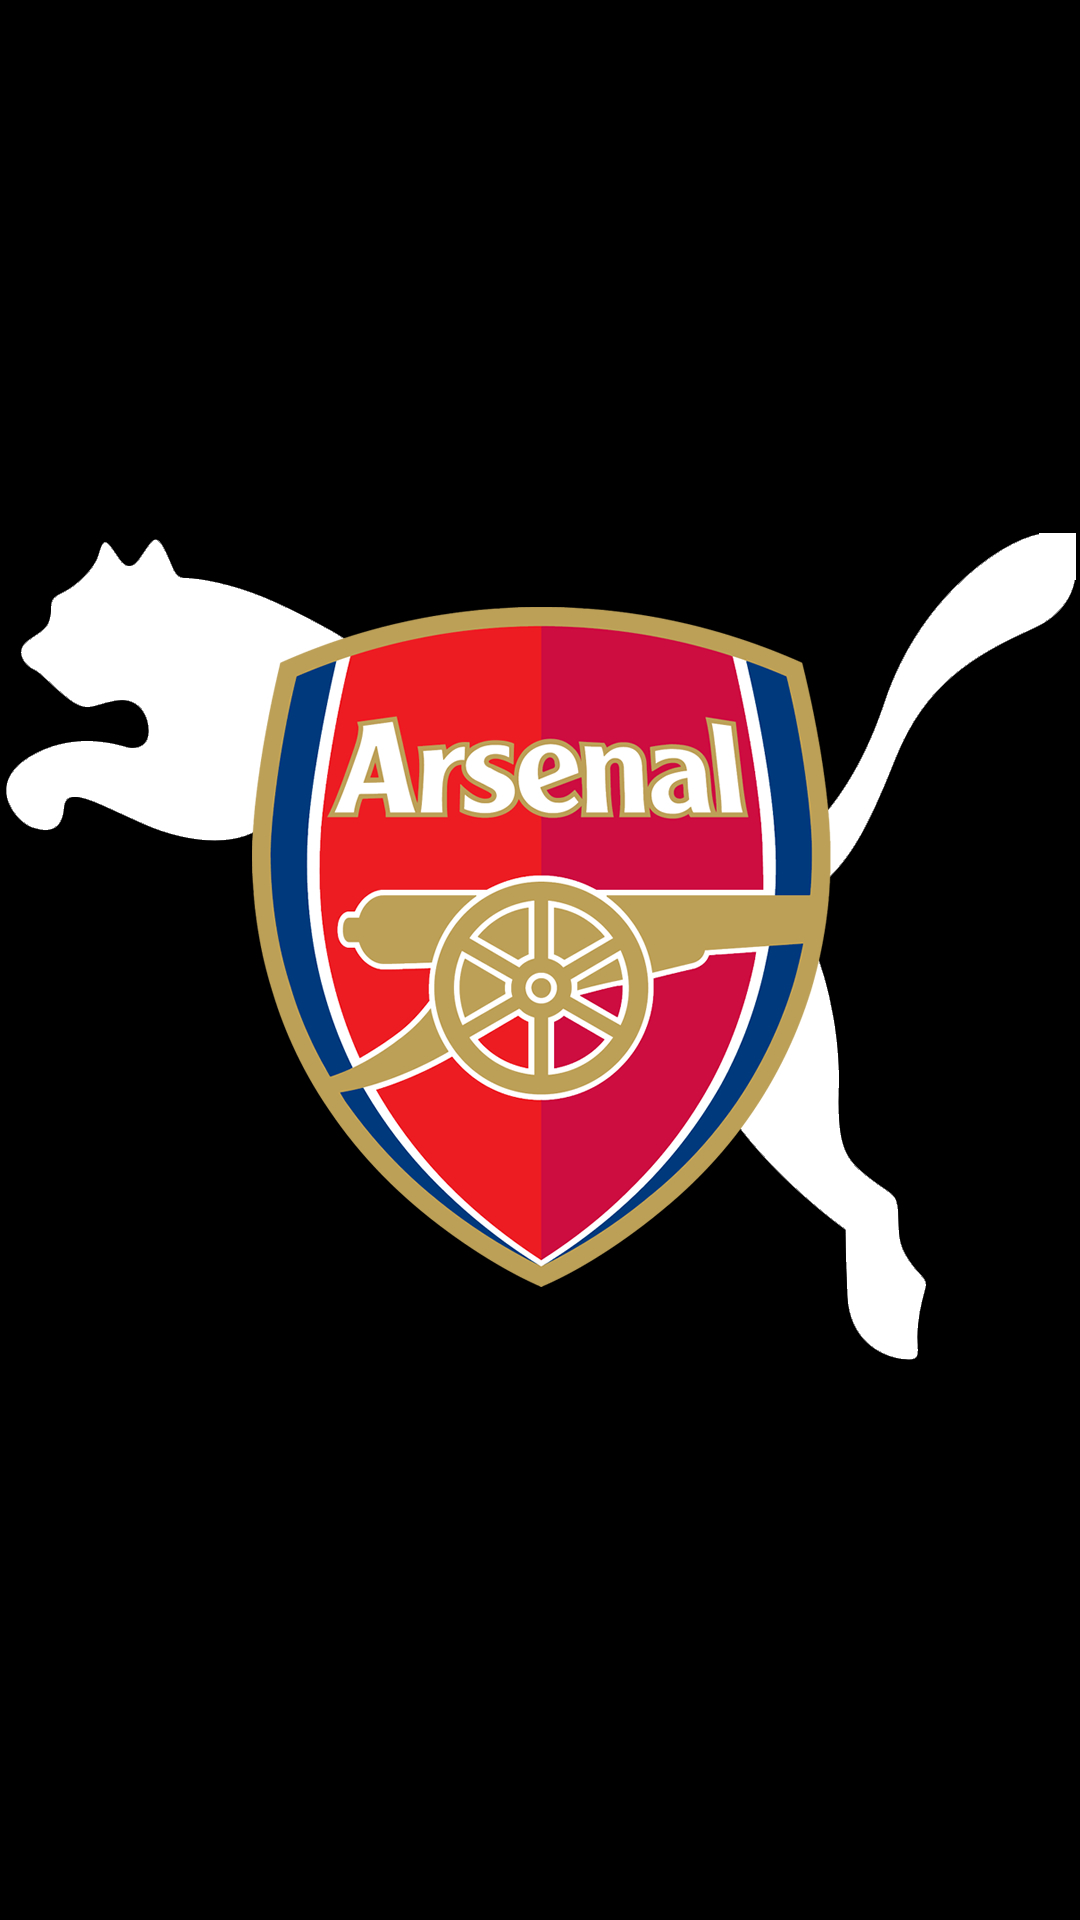 arsenal logo hd wallpaper for mobile